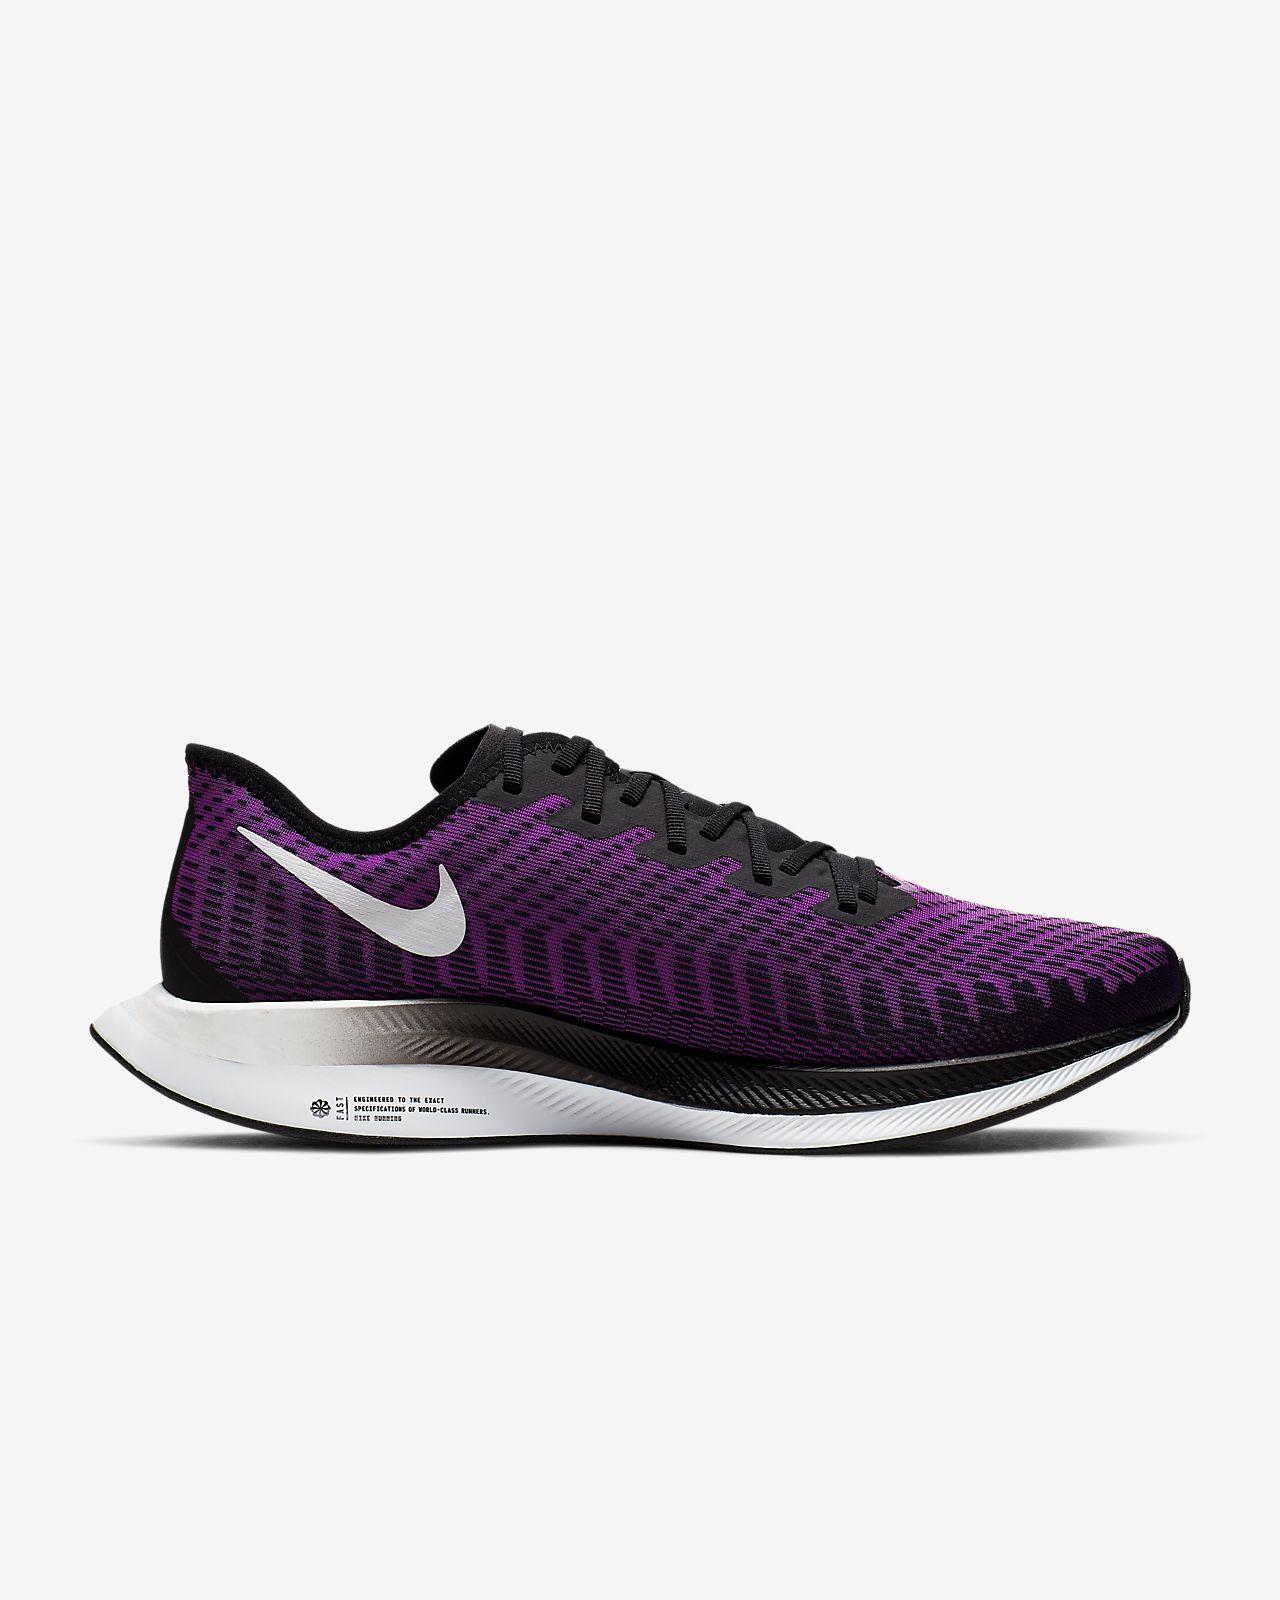 Nike Zoom Pegasus Turbo 2 Men's Running Shoe